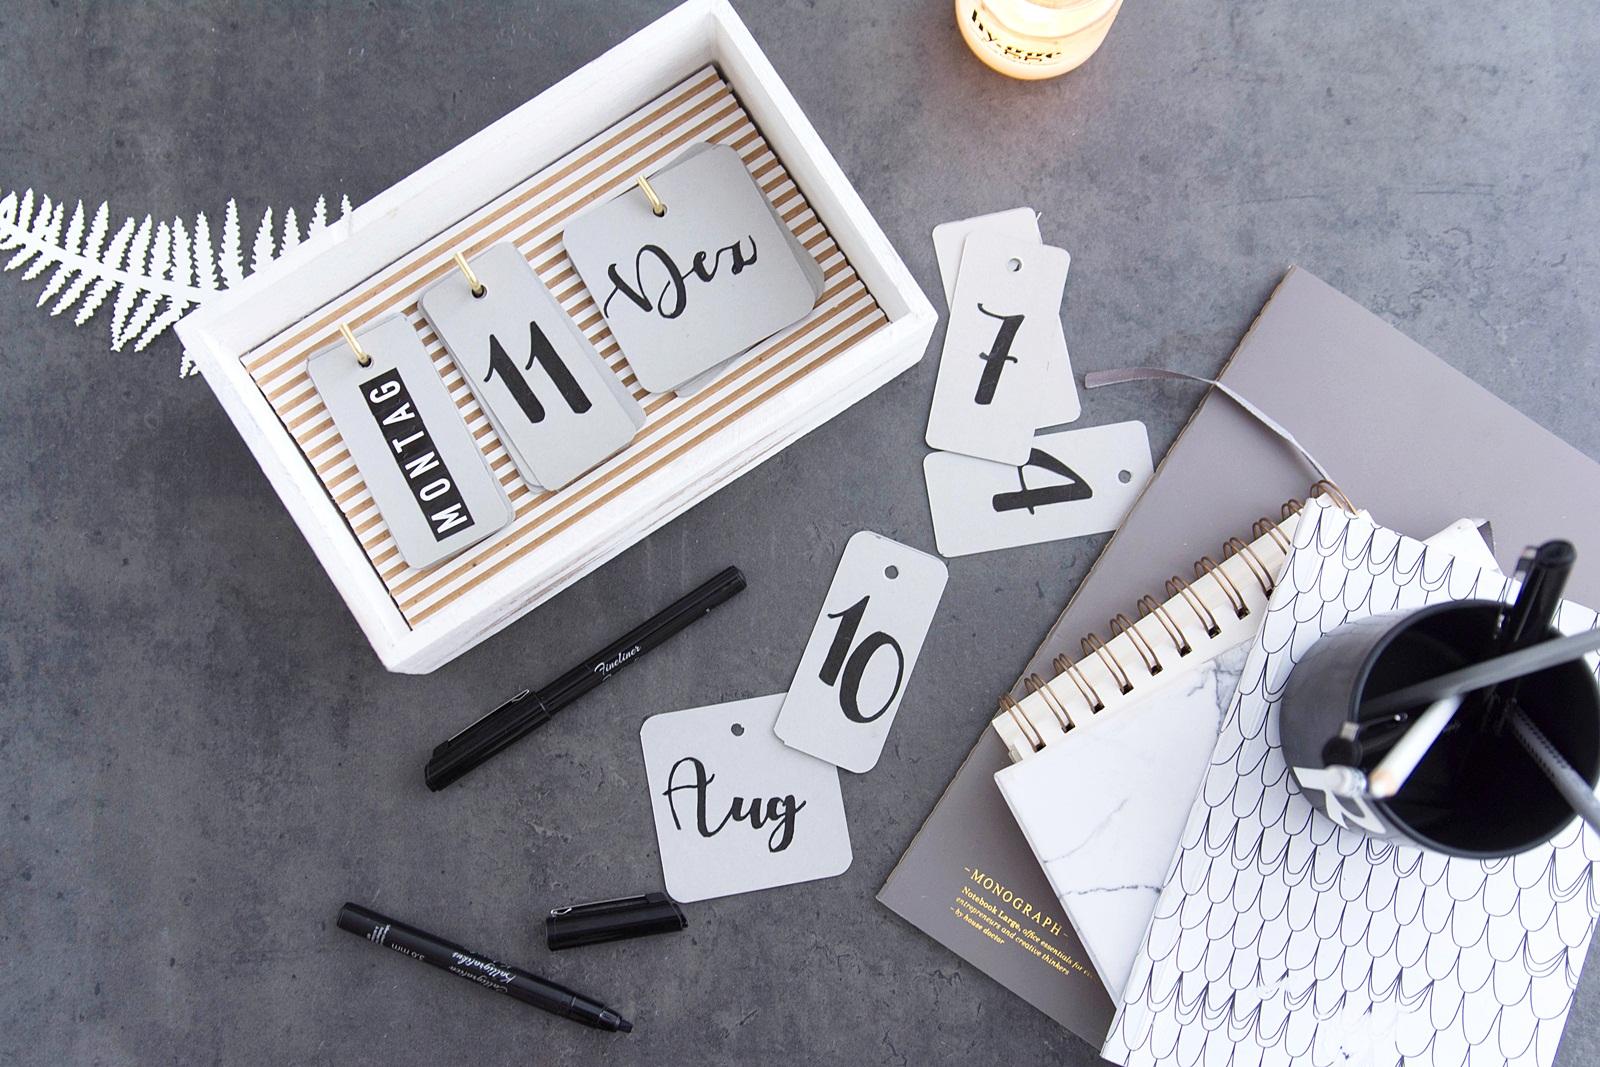 praktischer diy kalender für den schreibtisch ohne